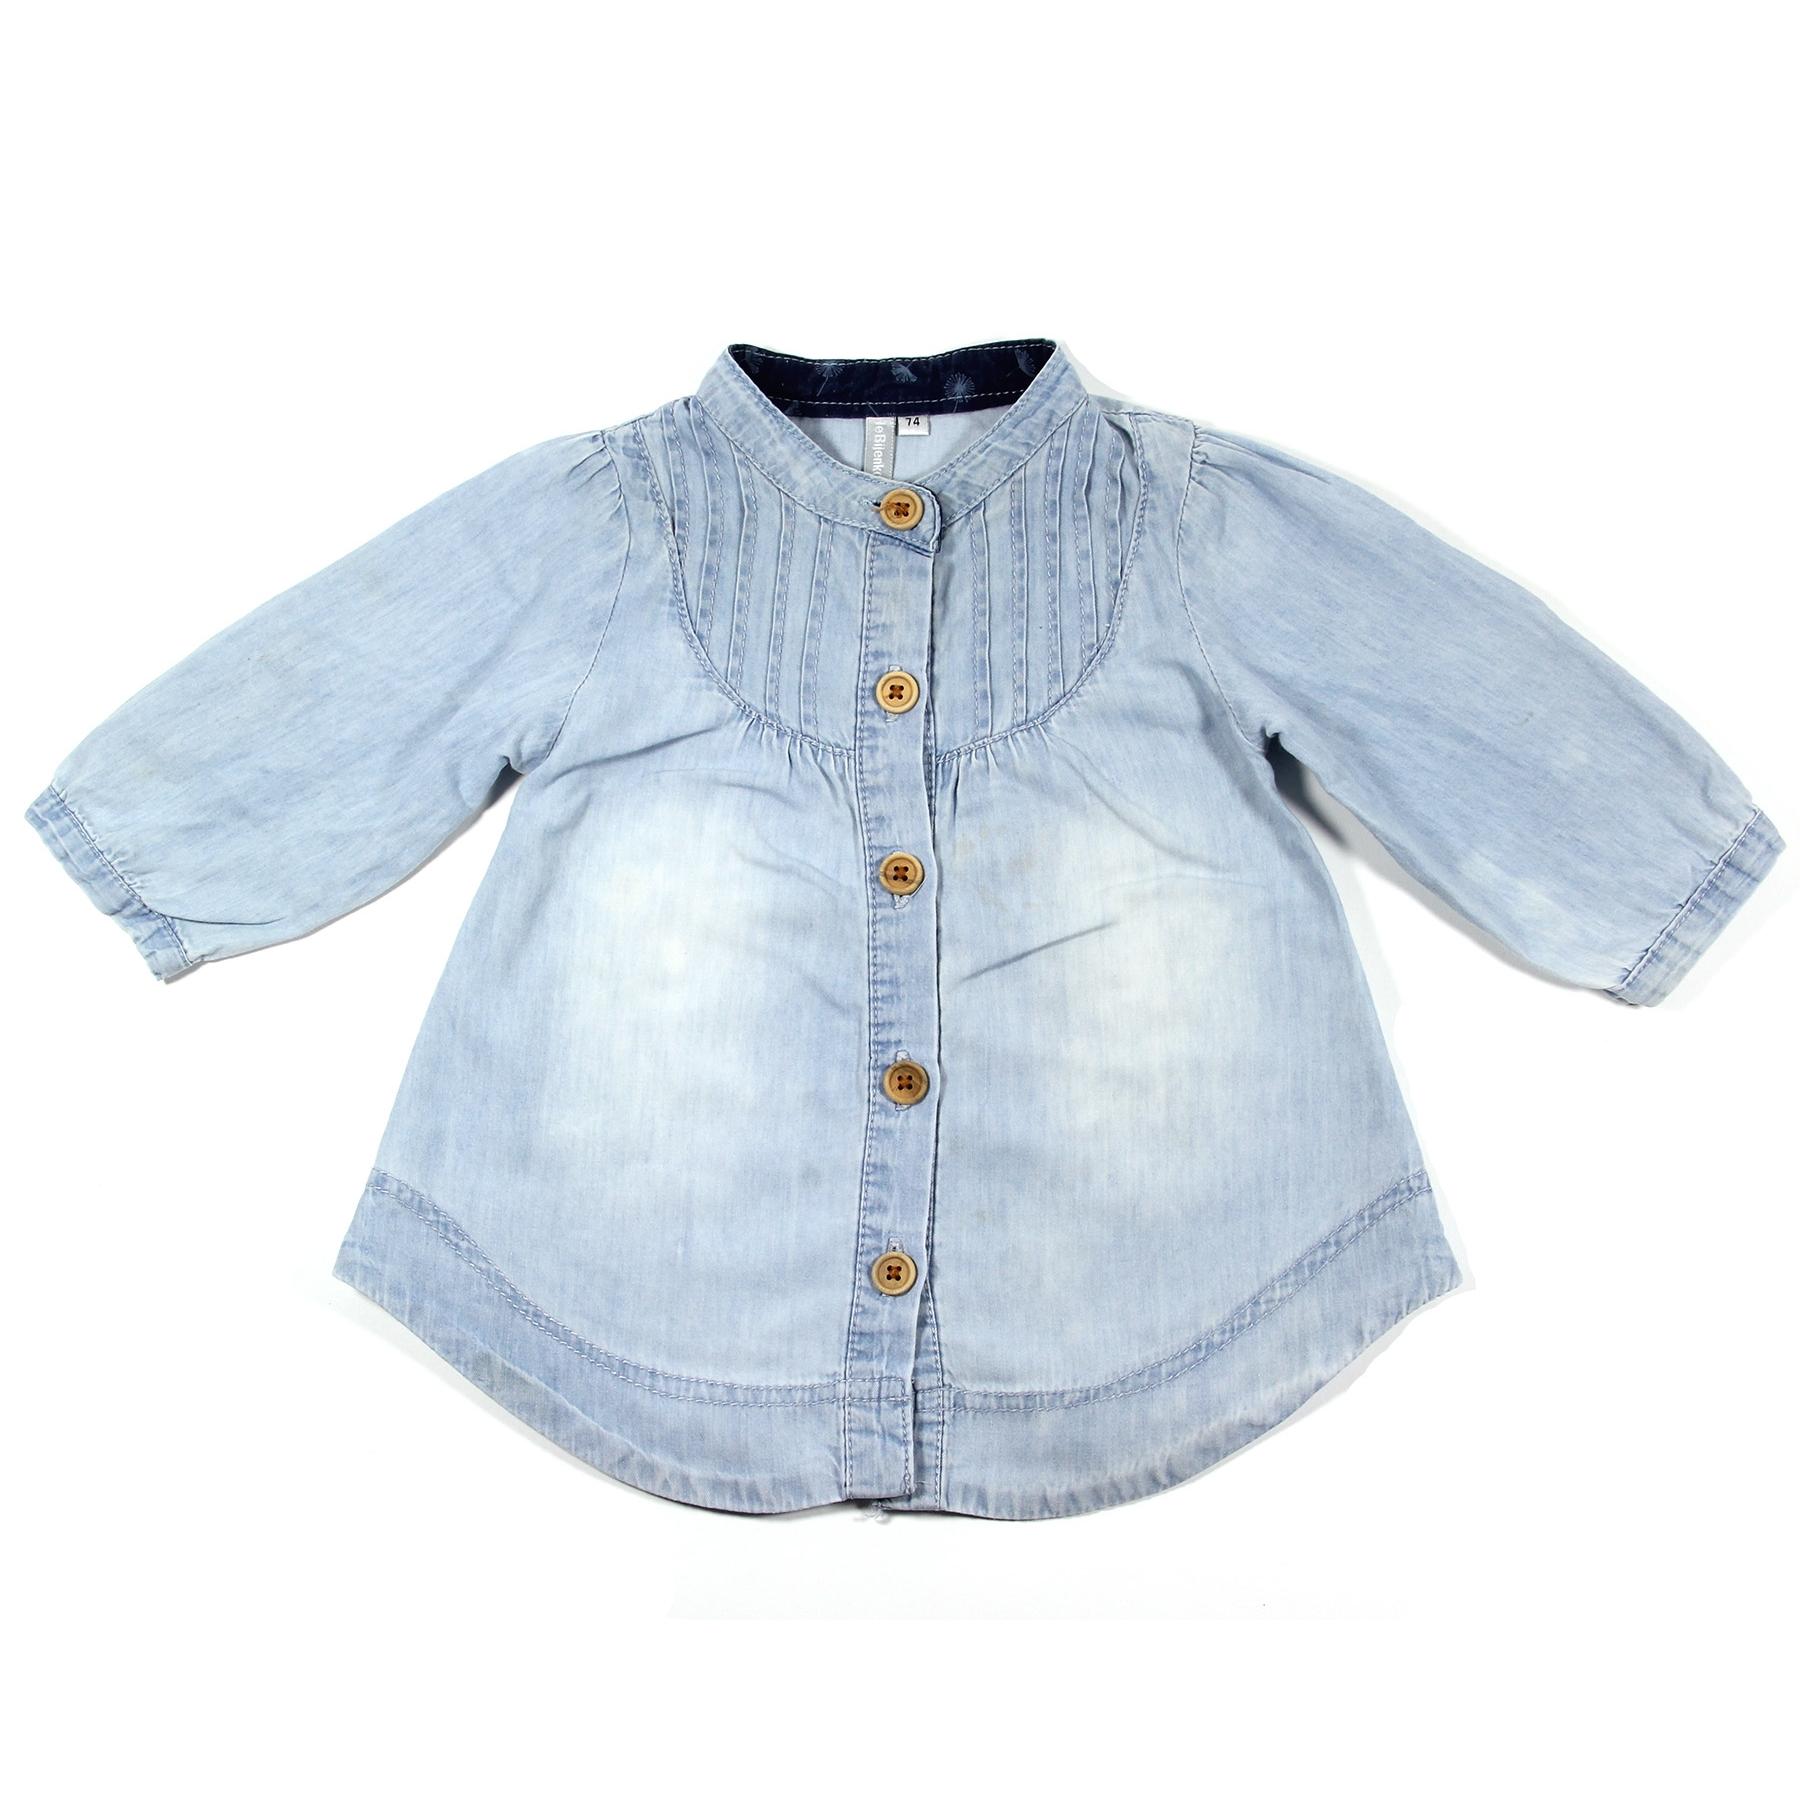 Kinderkleding Winkel Te Koop.De Bijenkorf Tuniek Blauw Maat 74 80 Bij Tweedehandjes Com